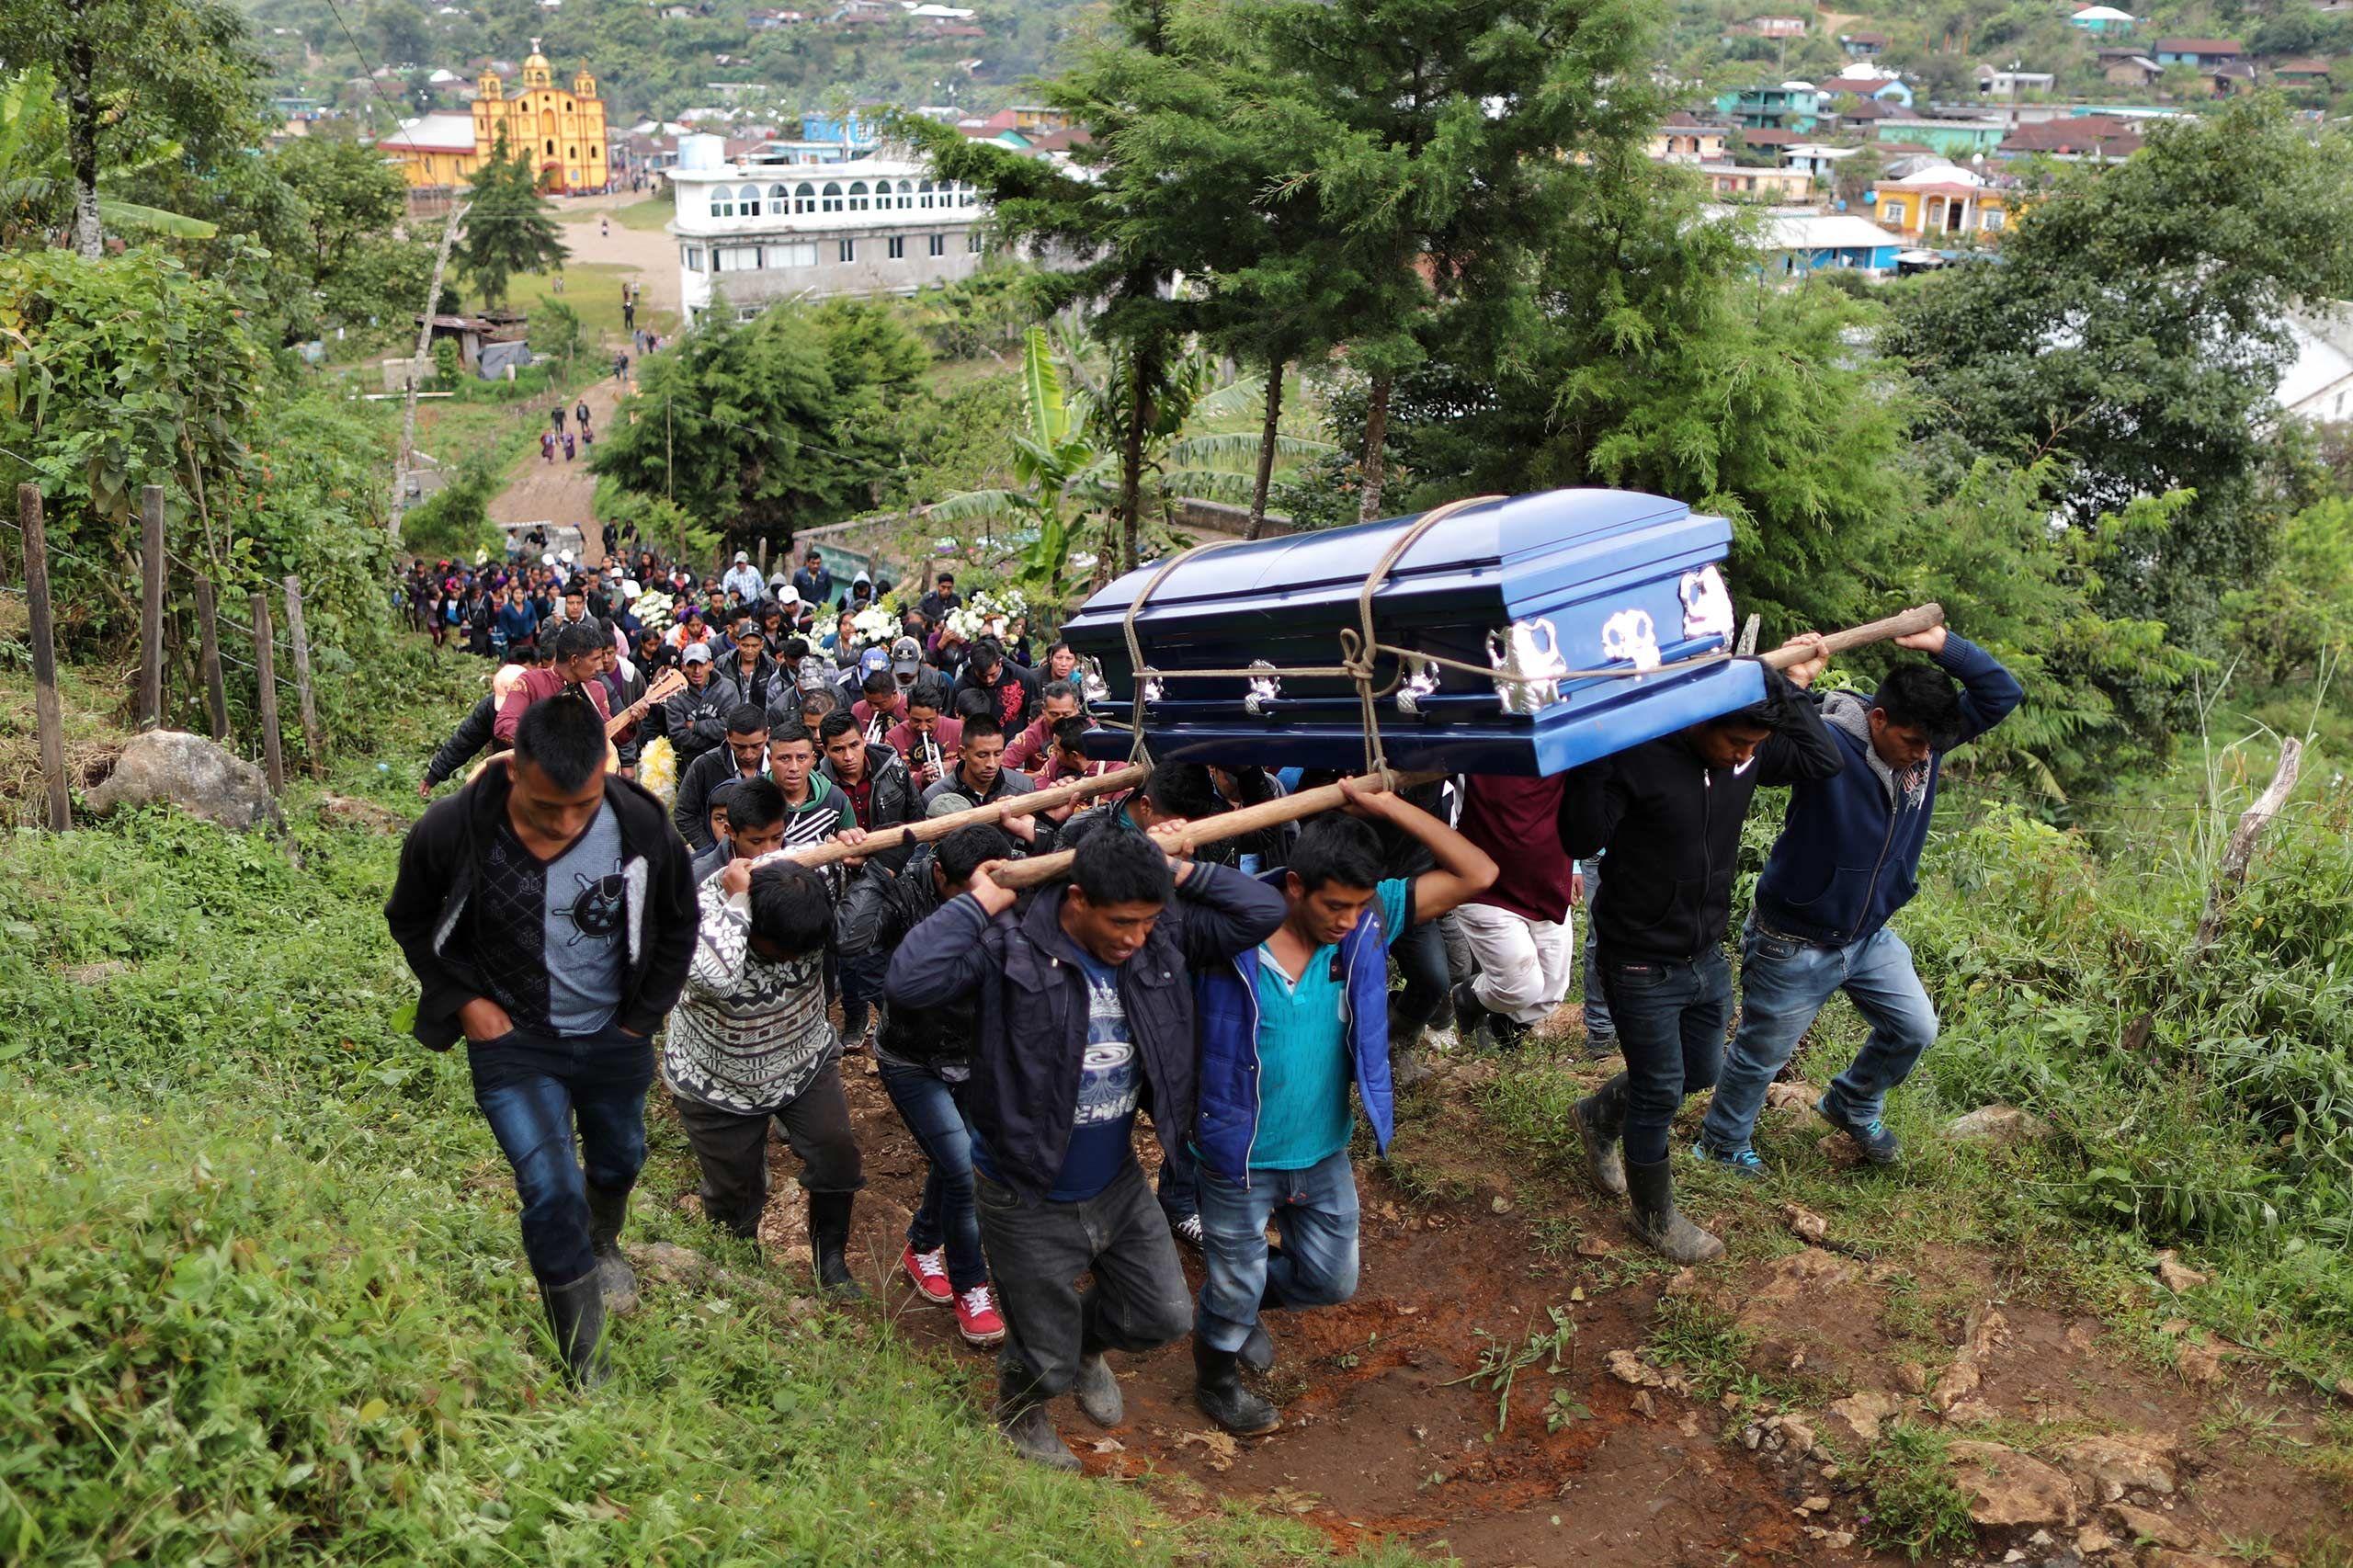 AGUACATE, GUATEMALA  OCTOBER 29, 2018